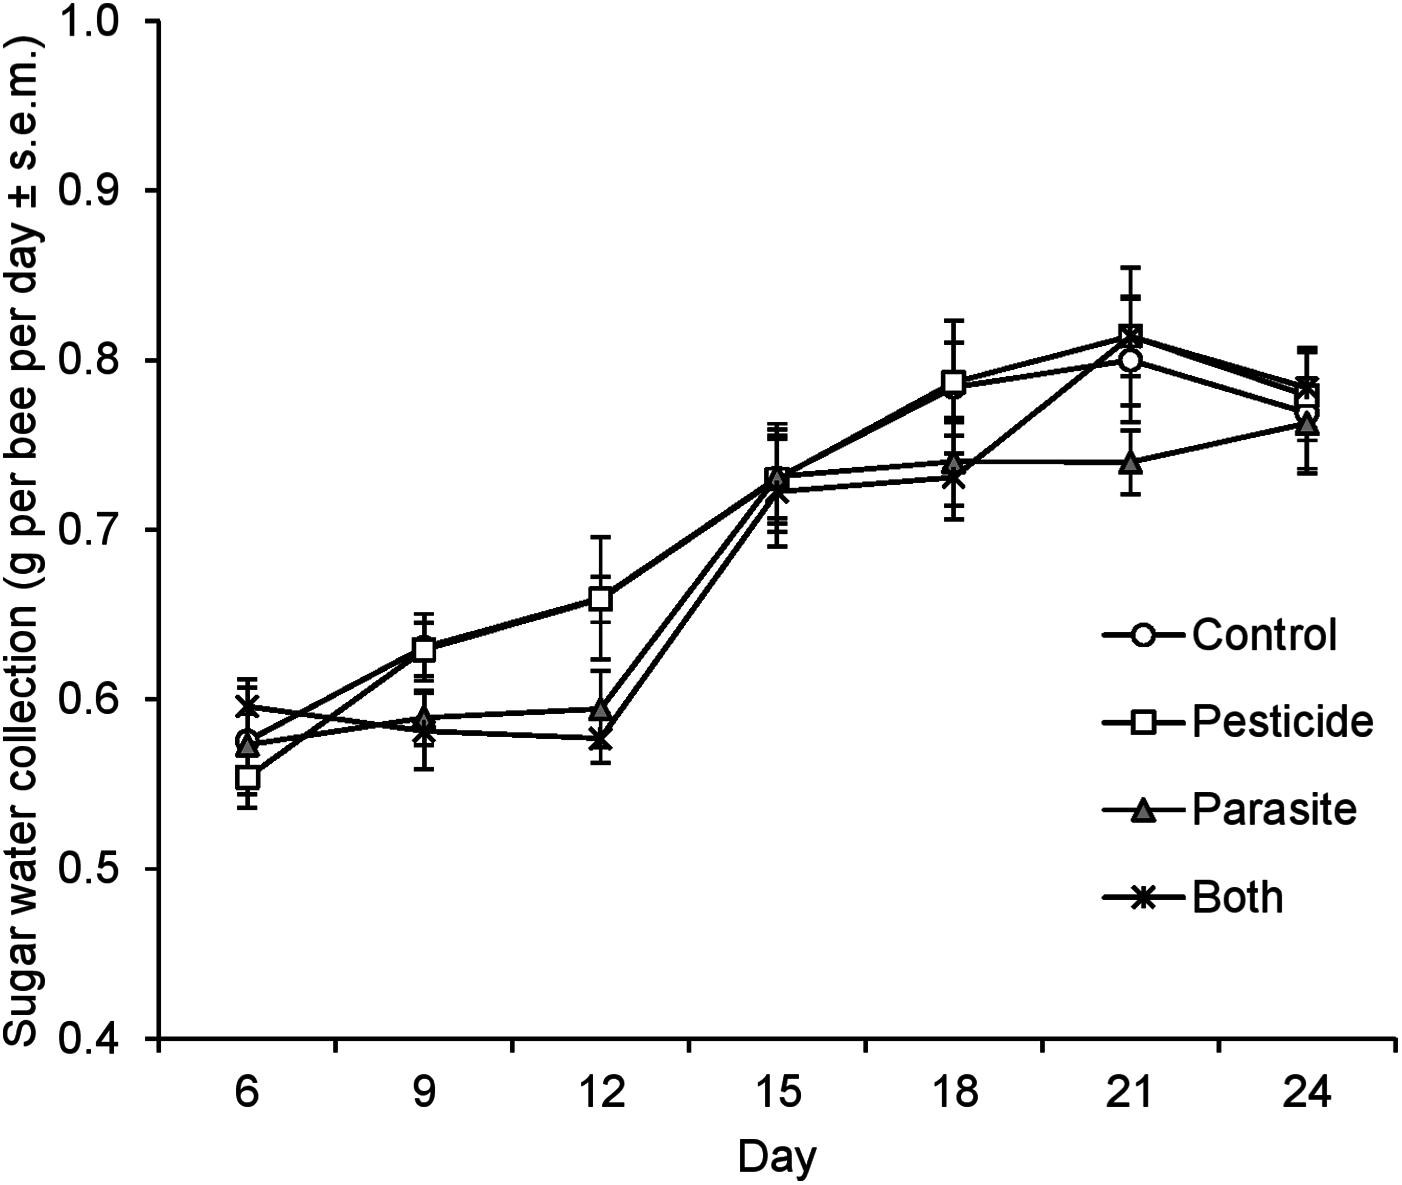 no effect of low level chronic neonicotinoid exposure on bumblebee